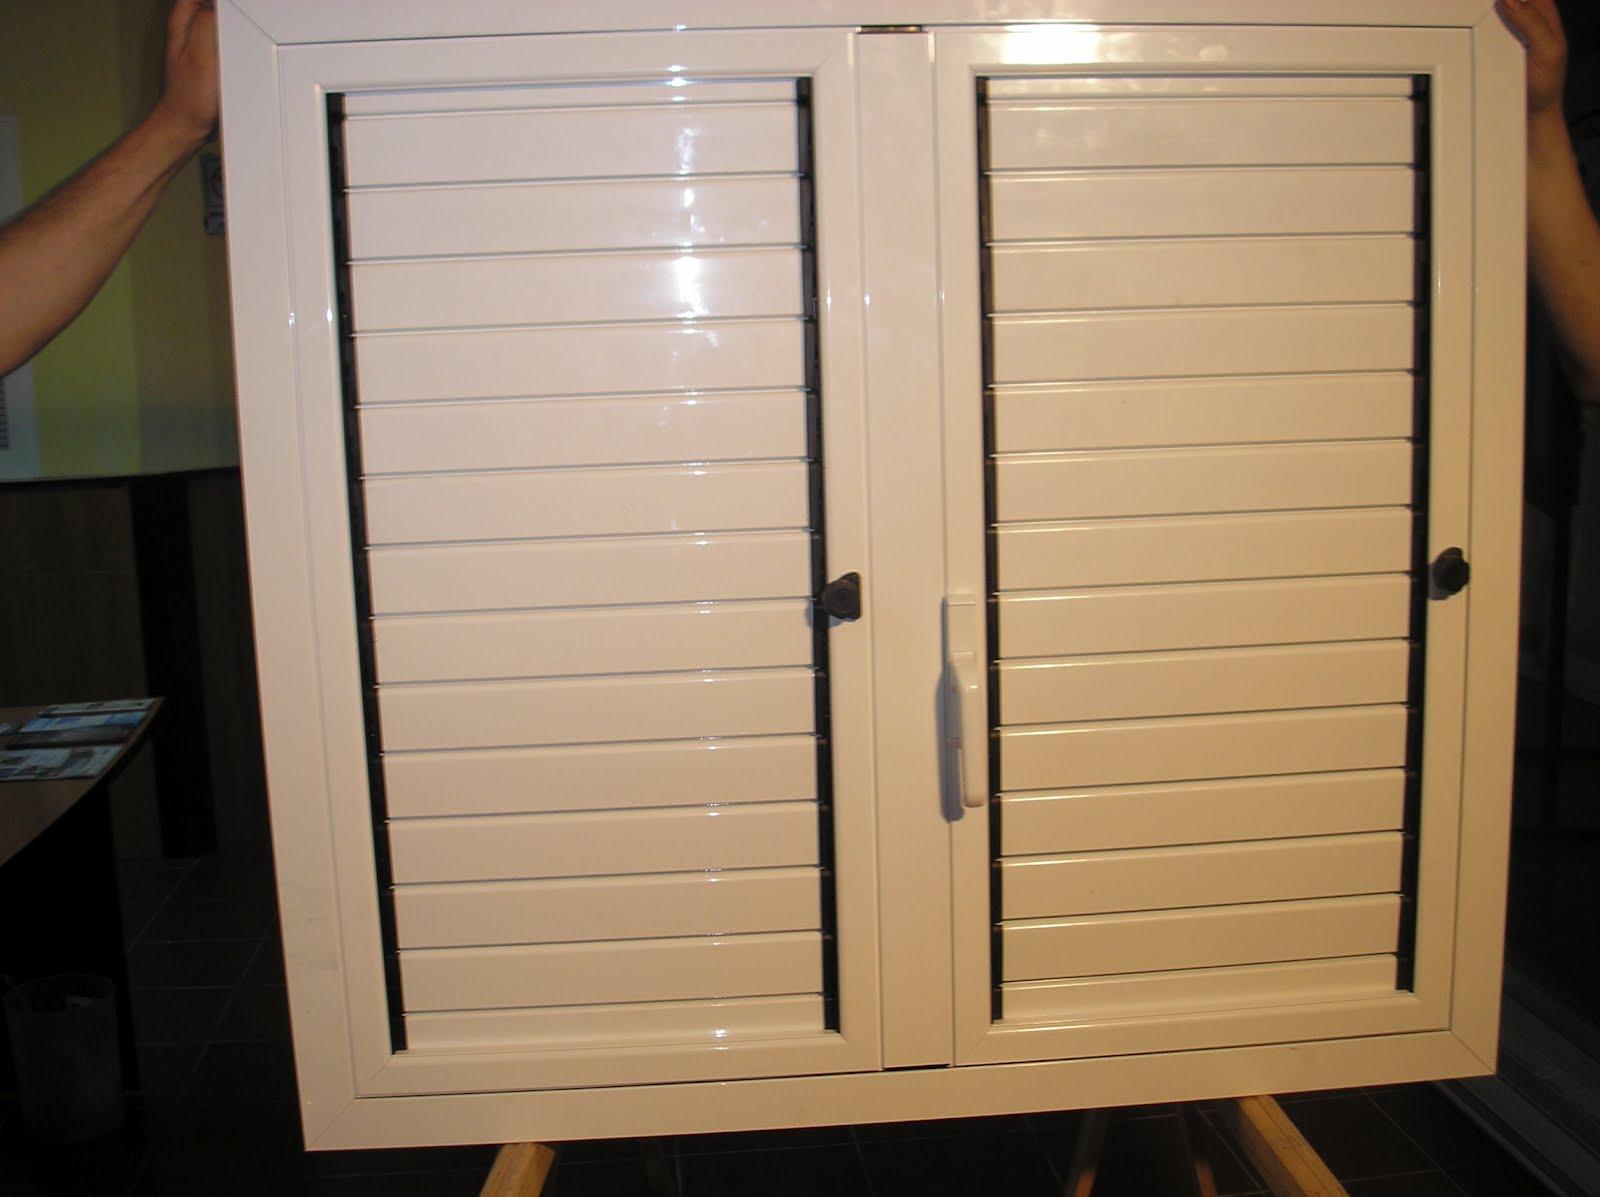 Practicor todo en aluminio contraventanas de aluminio for Perfiles de aluminio para ventanas precios